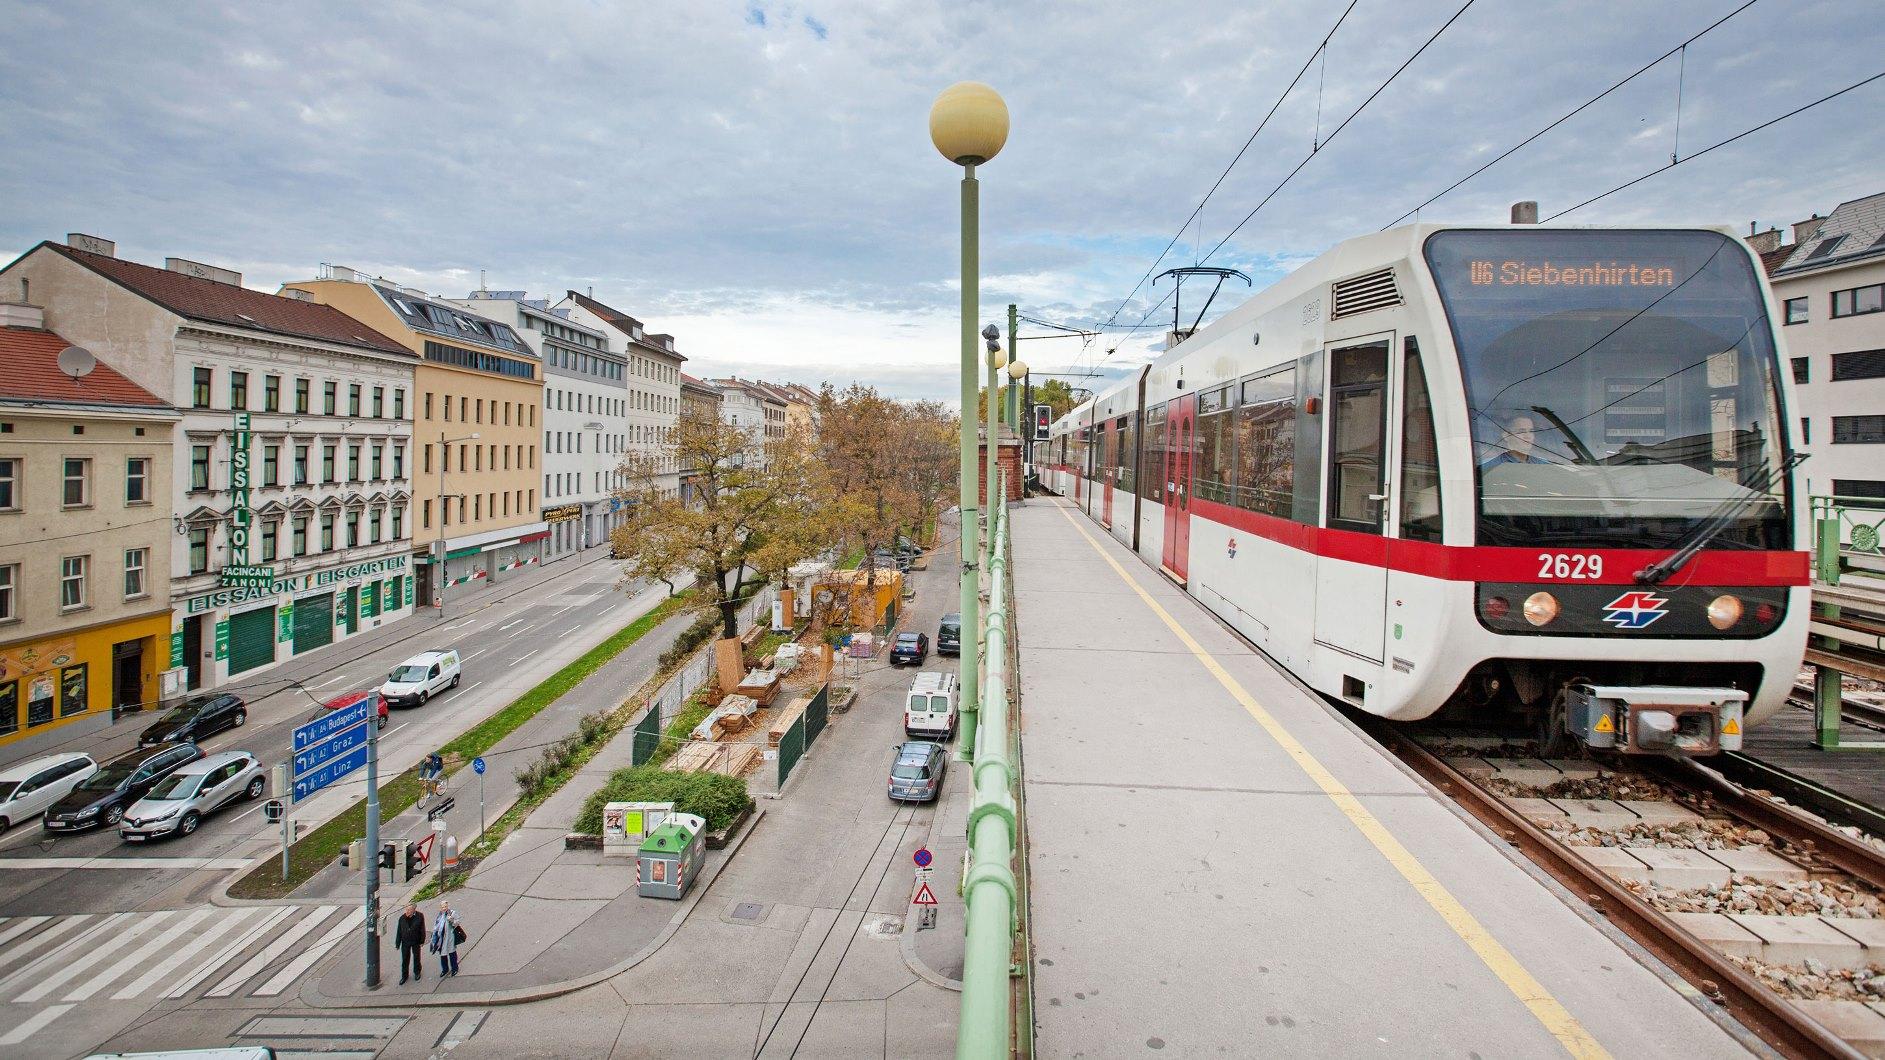 Low floor mass transit cars run from Floridsdorf to Siebenhirten